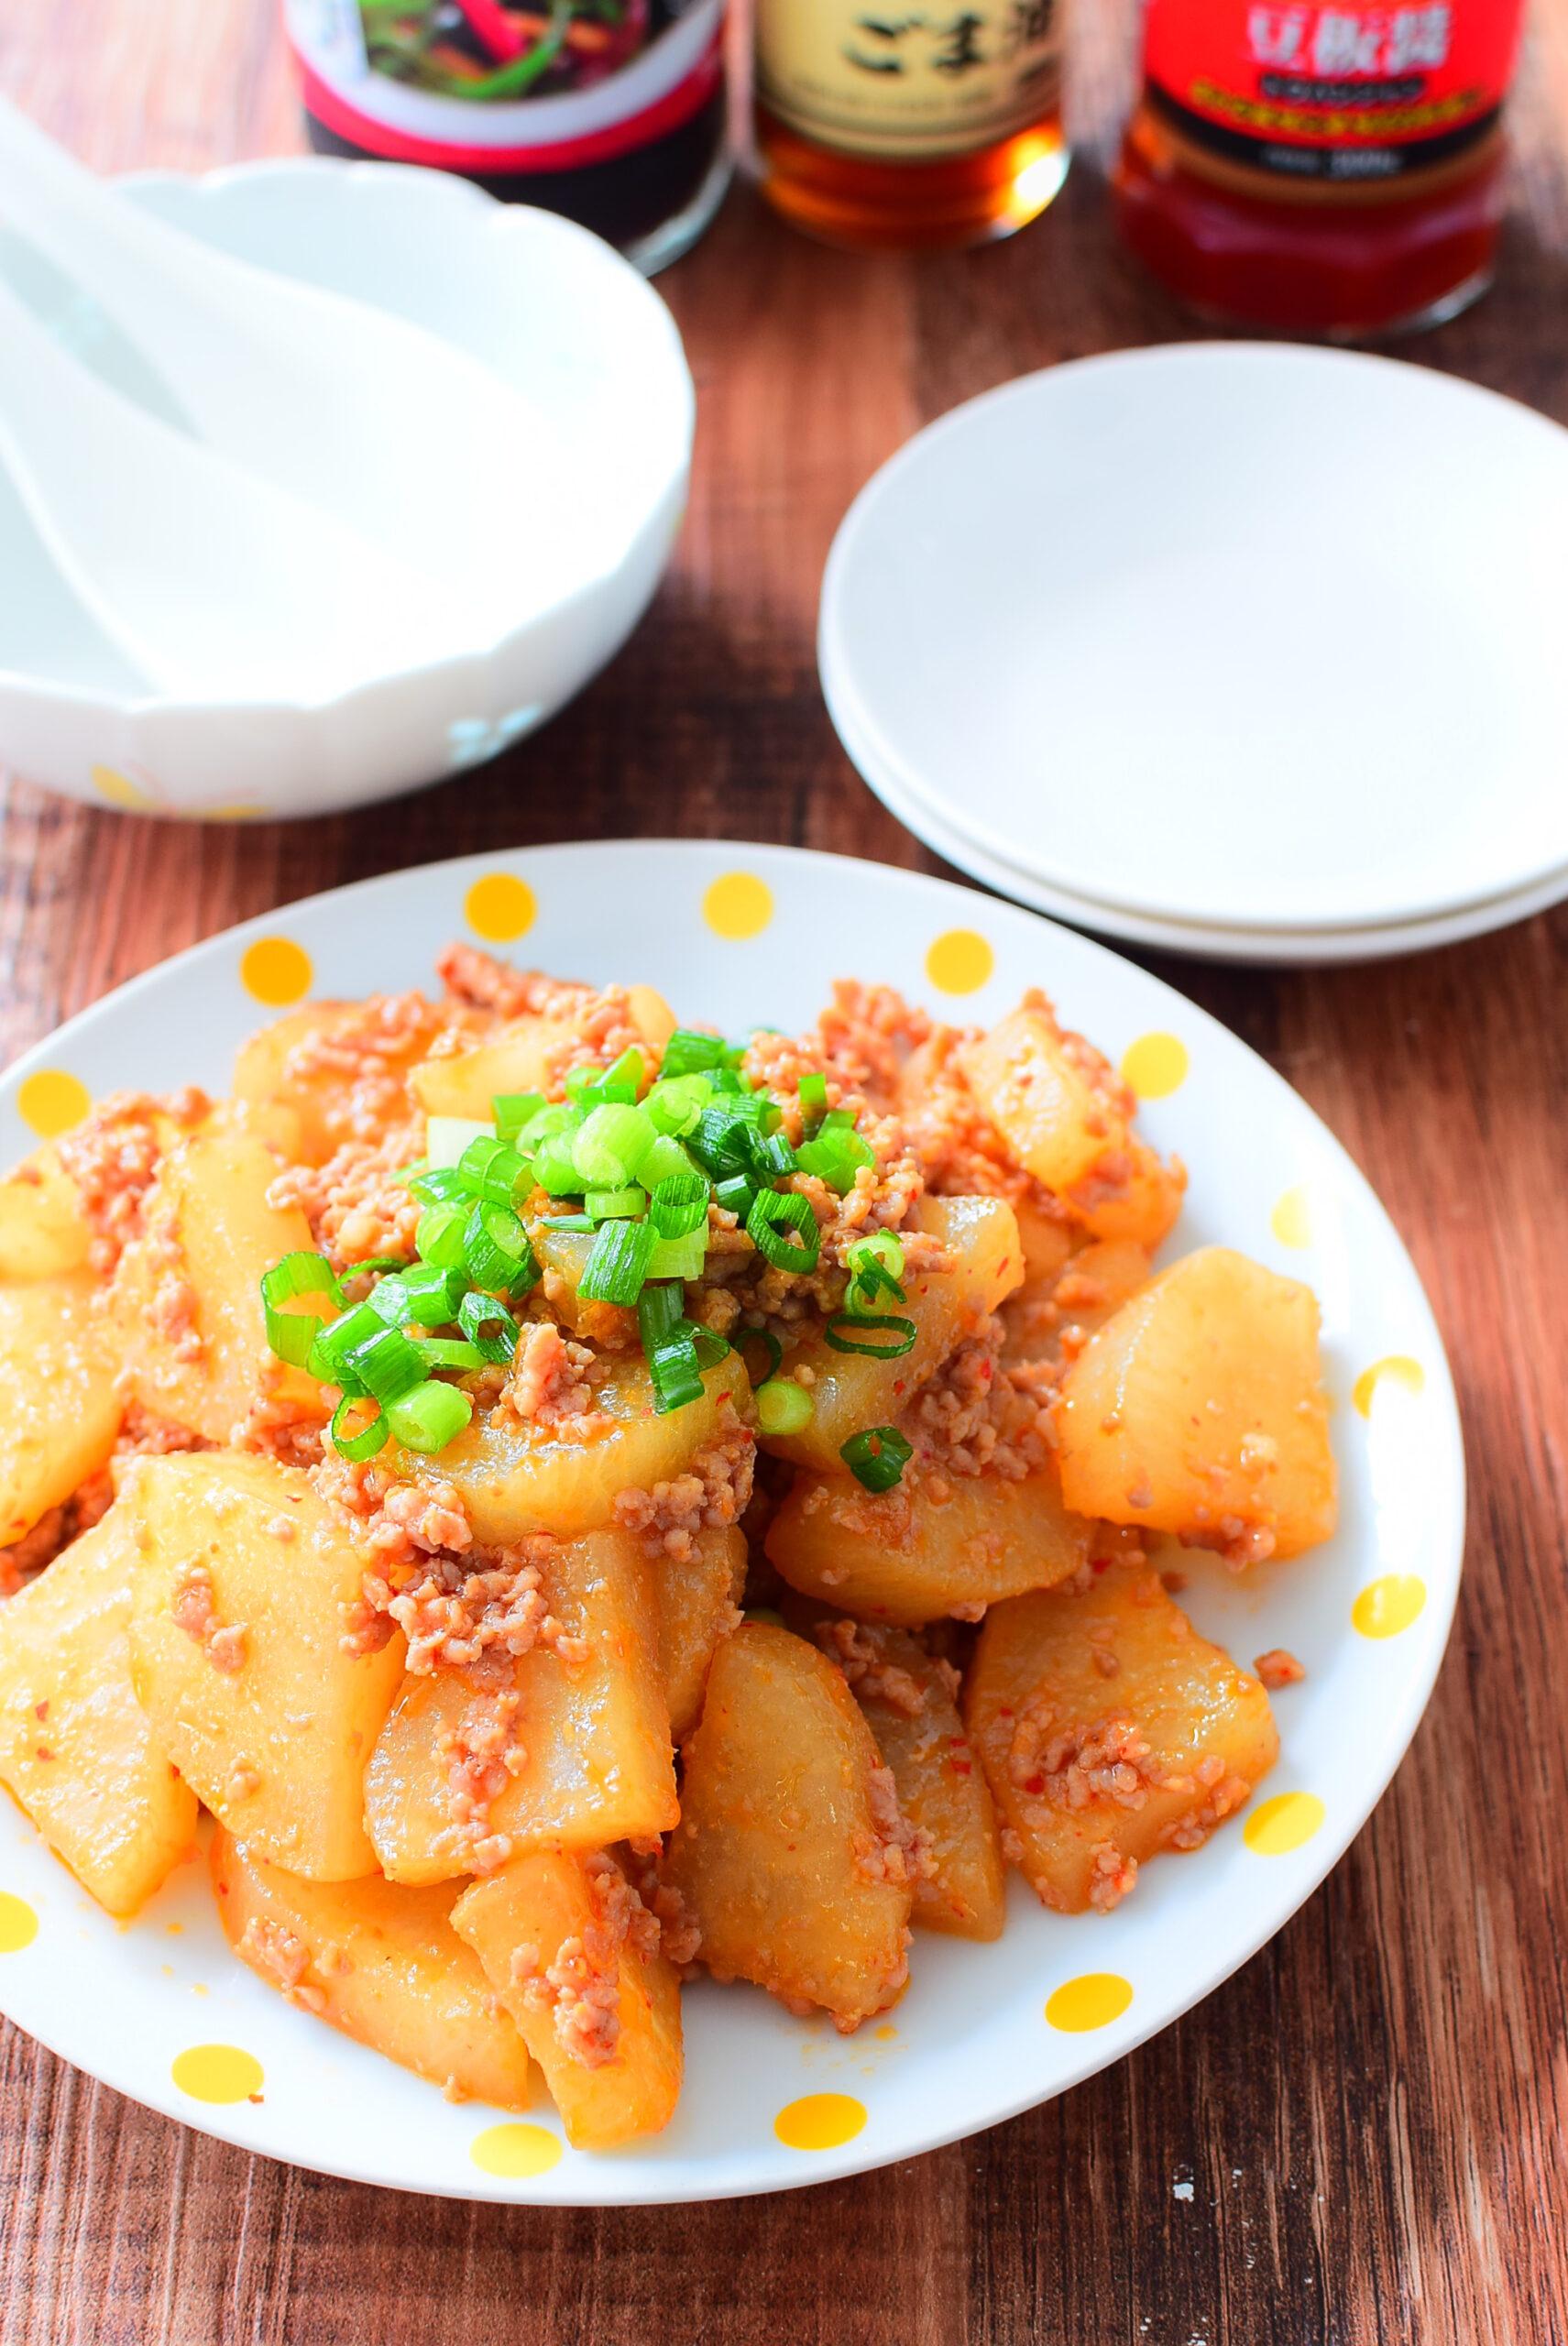 大根とひき肉のオイスターソース炒めのレシピの写真